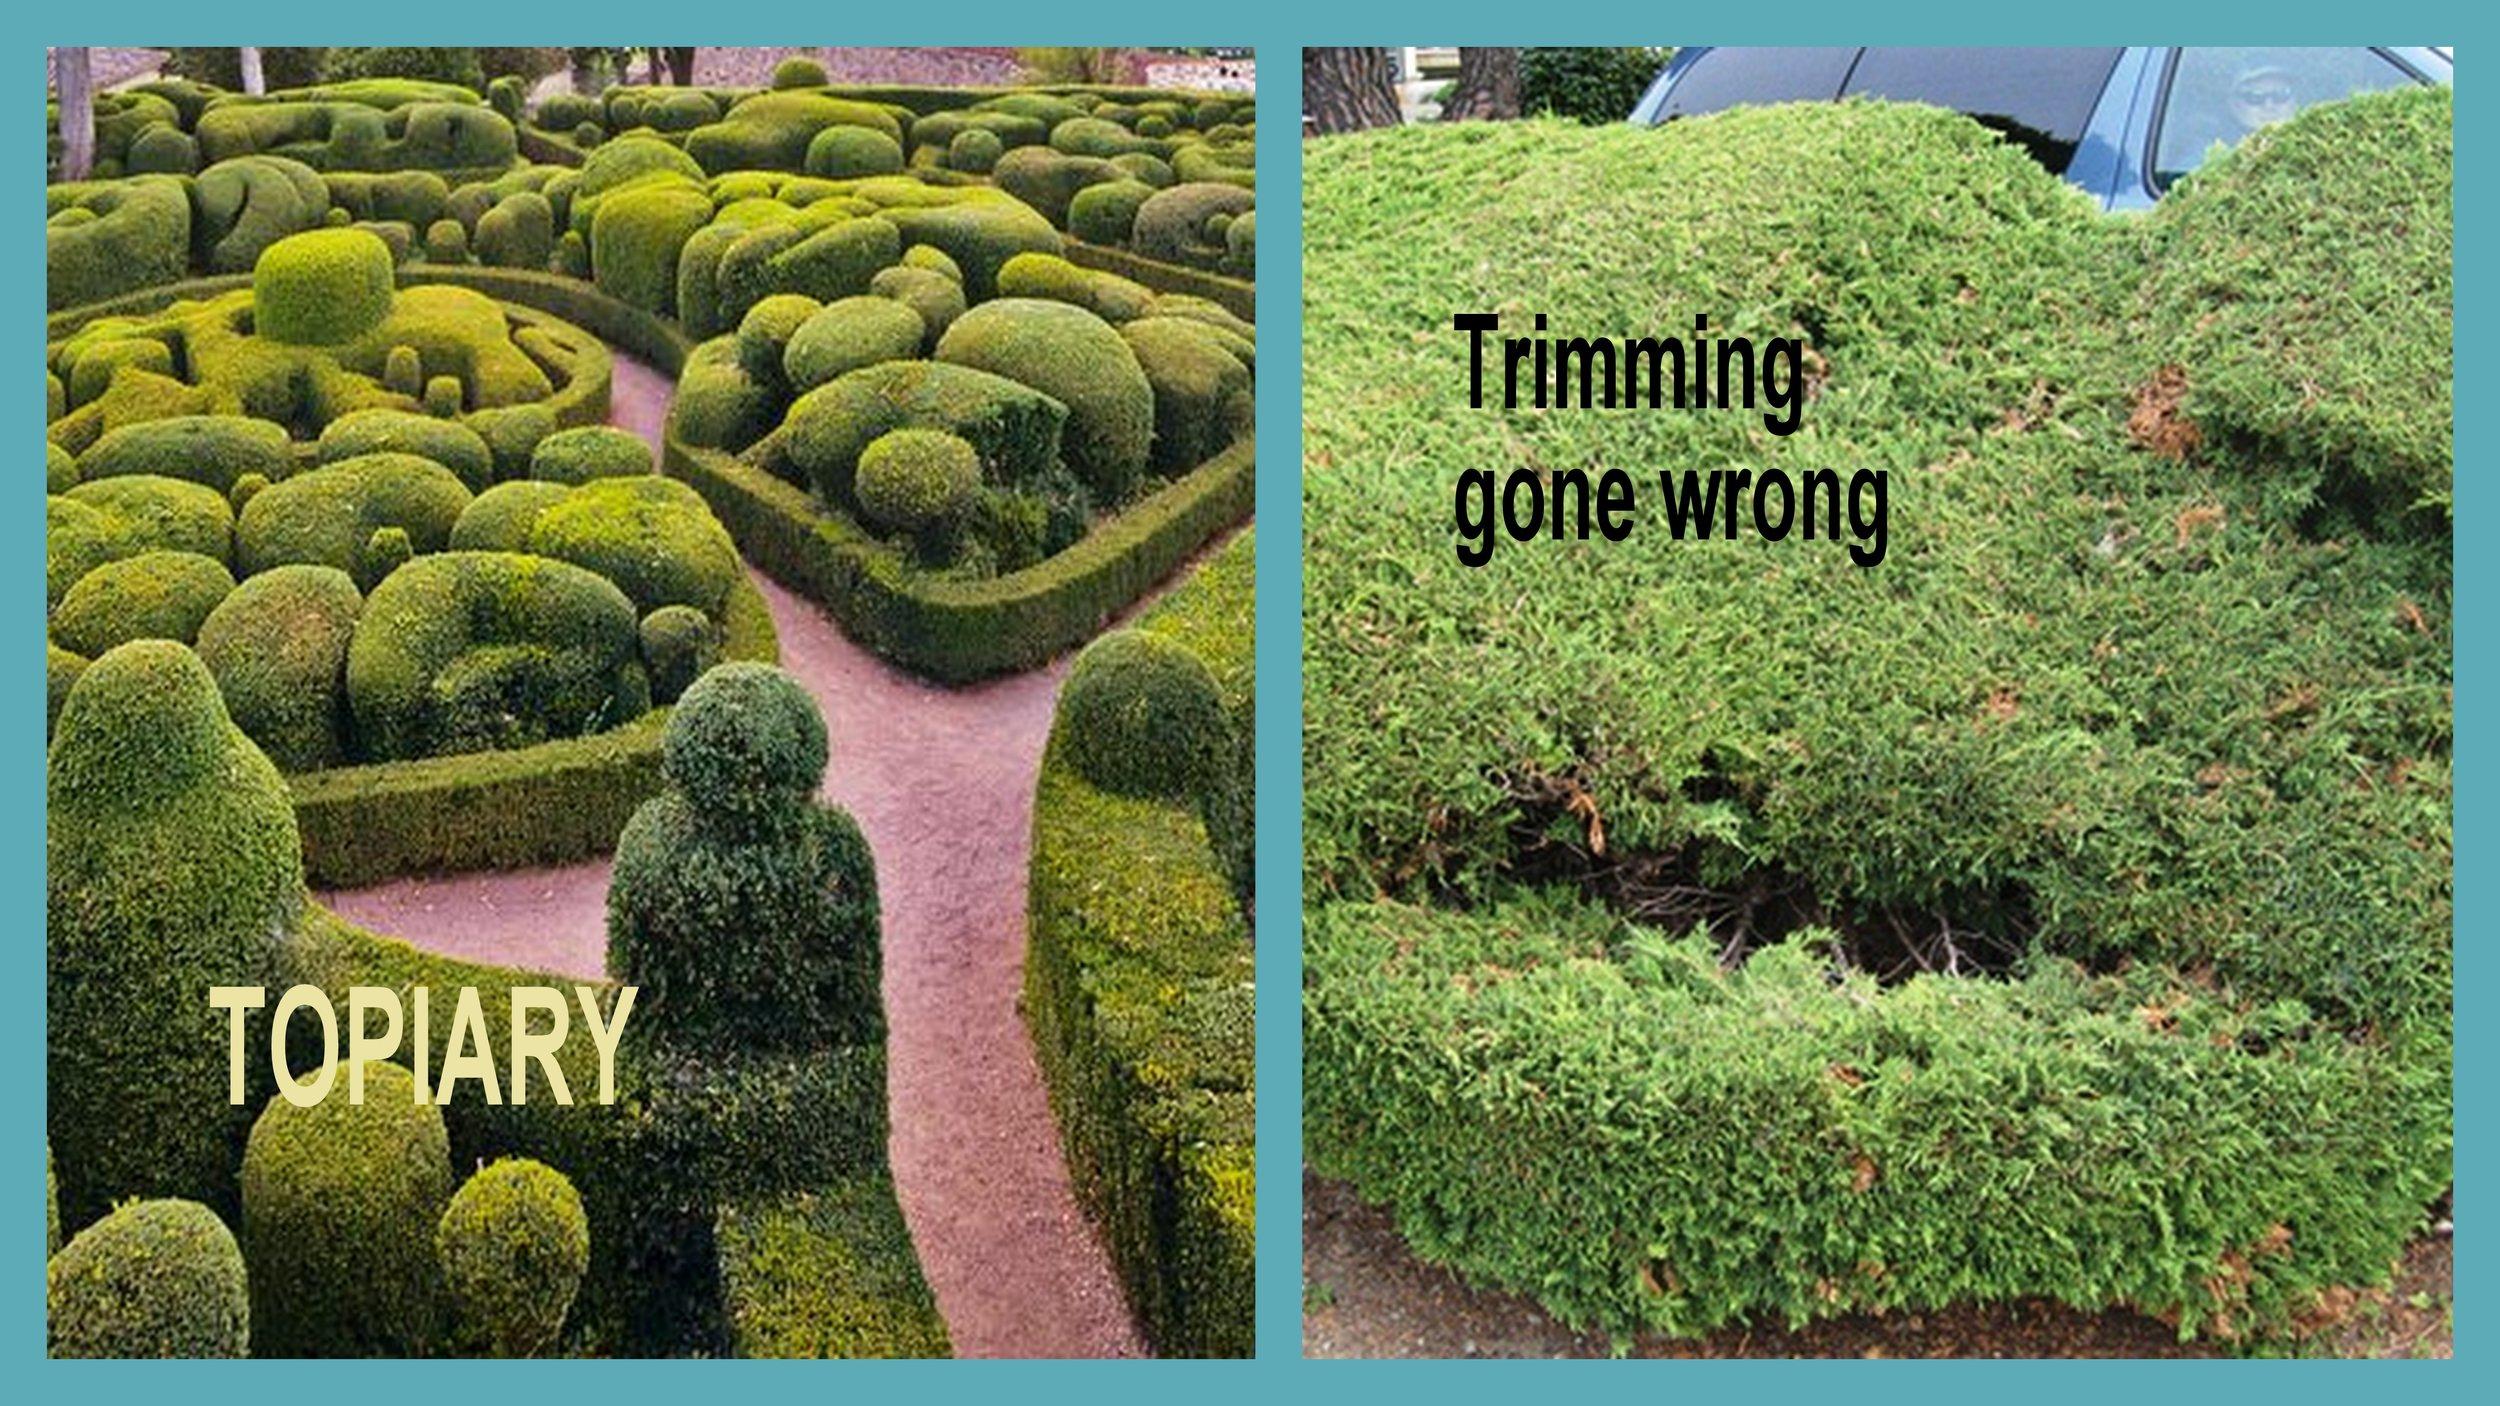 topiary vs gone wrong.jpg